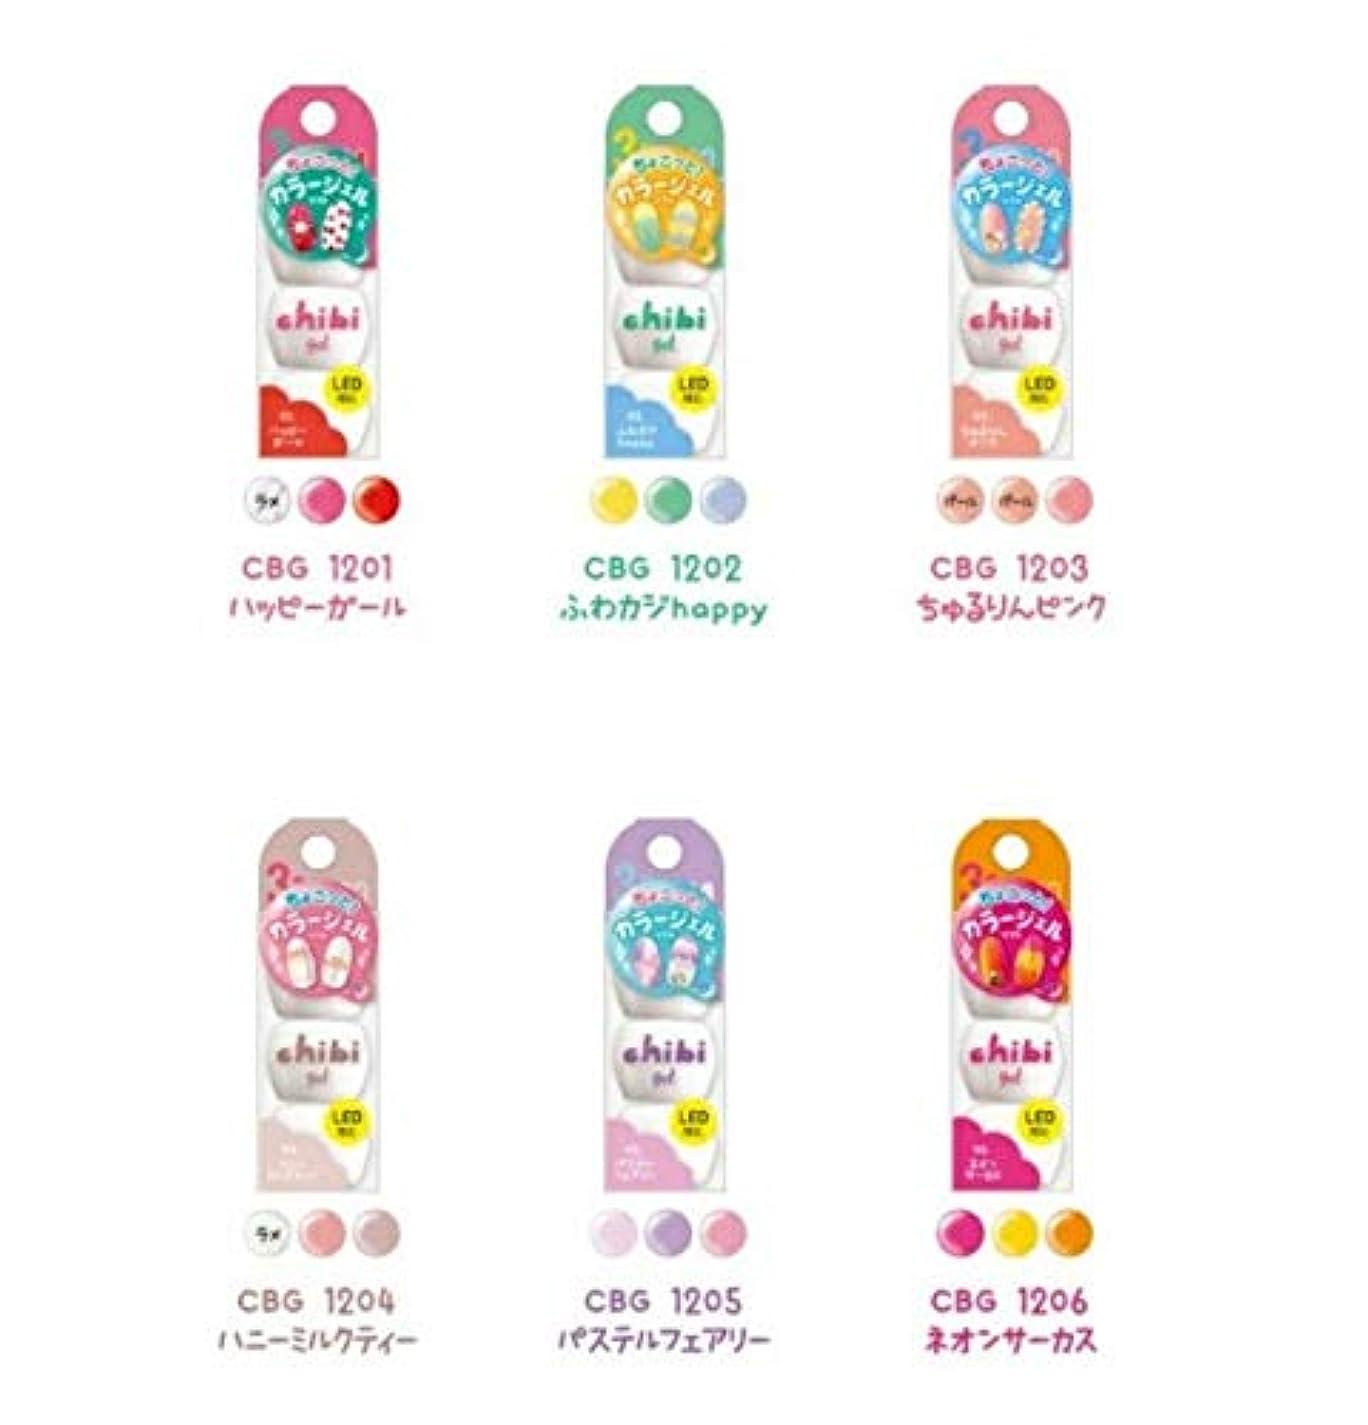 暖かくおもちゃ引くBWちびジェル2 カラージェル 1.5g CBG1201?1208 8種 3色入り 日本製 chibi gel ちょこっと ソフト ジェル ネイル 単色 ラメ パール アート アクセント 爪 LED (CBG1208)